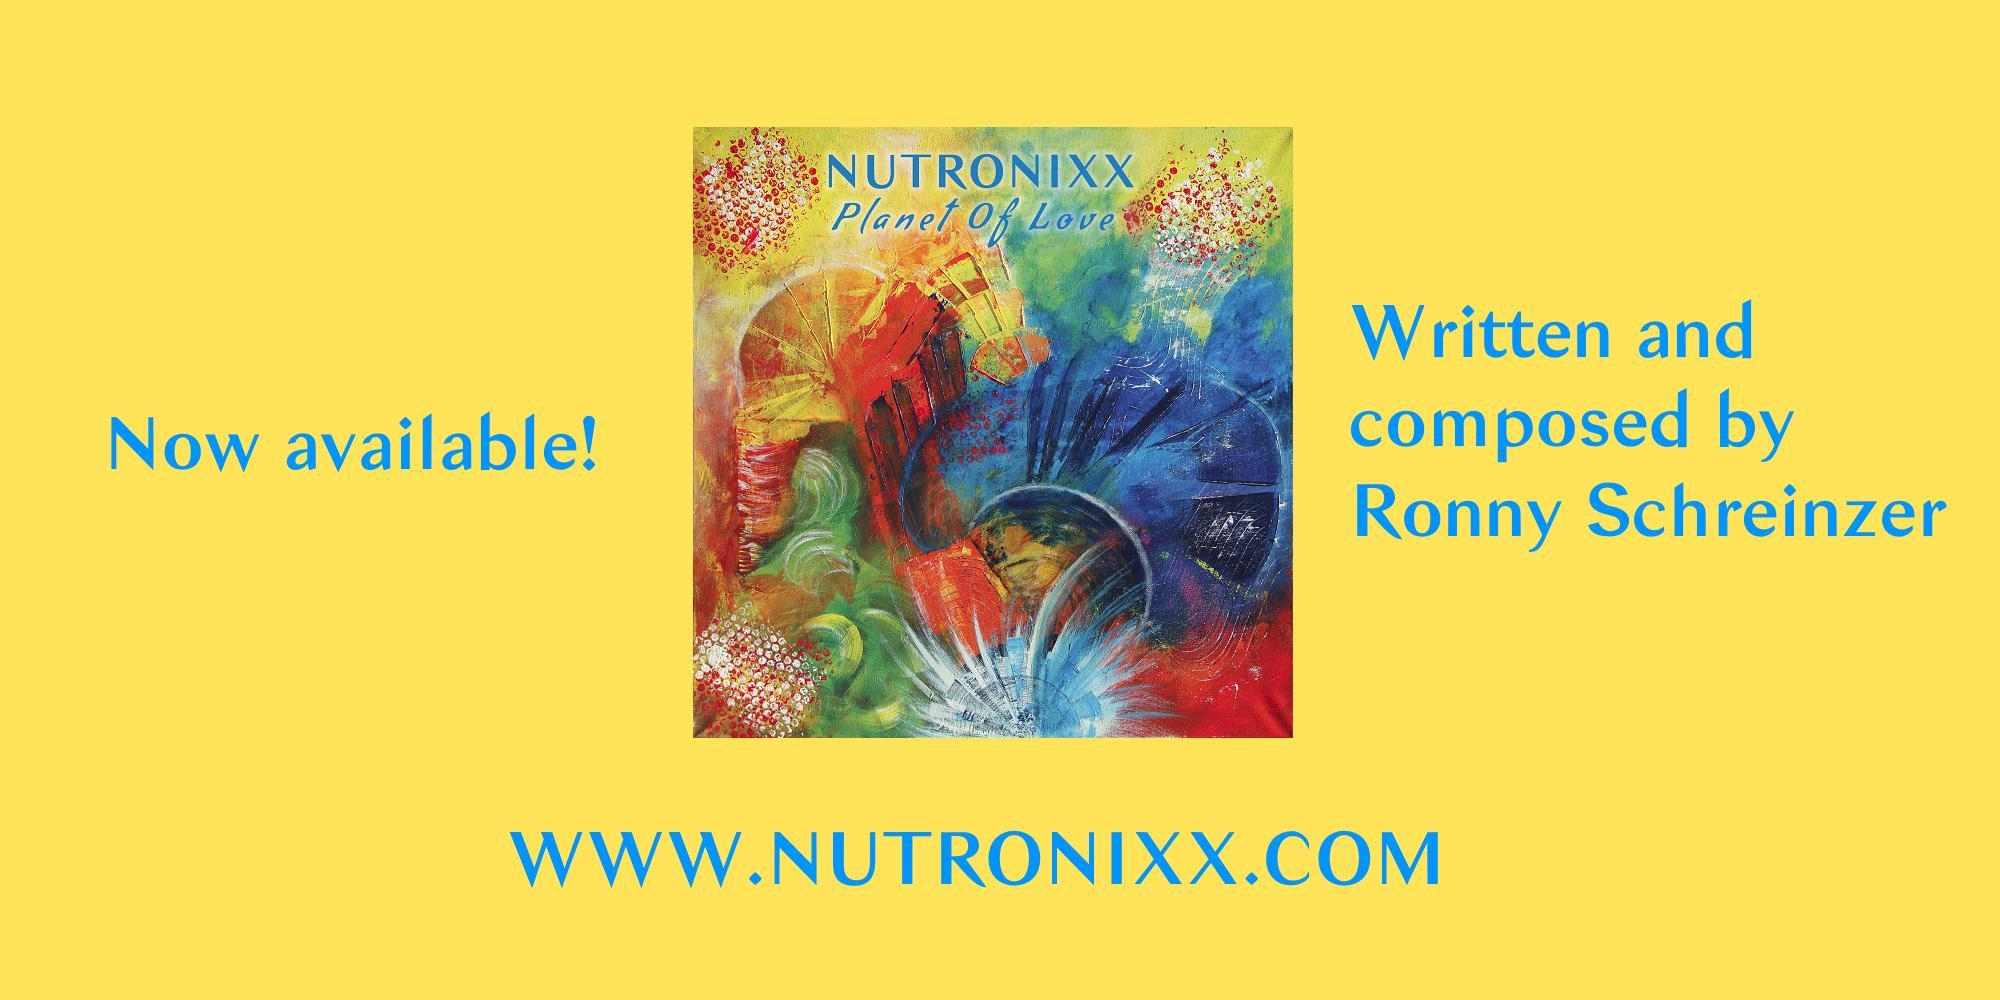 WWW.NUTRONIXX.COM